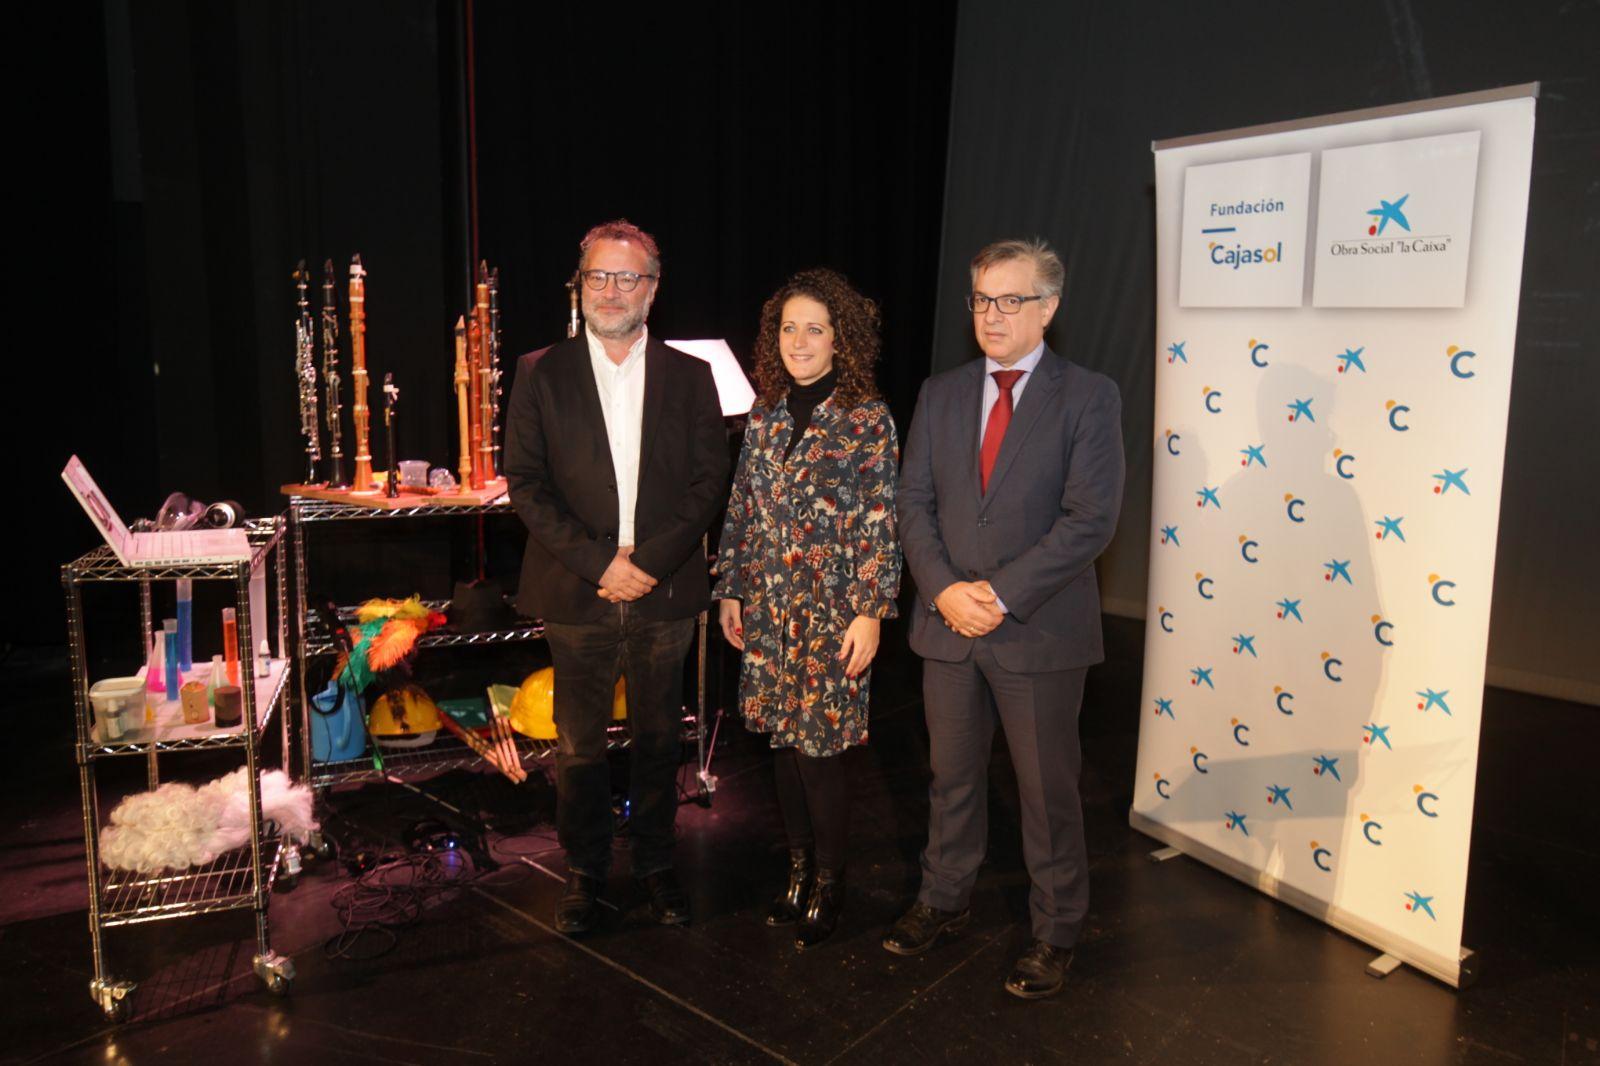 Presentación del espectáculo 'Clarinetarium' en el Teatro Góngora de Córdoba